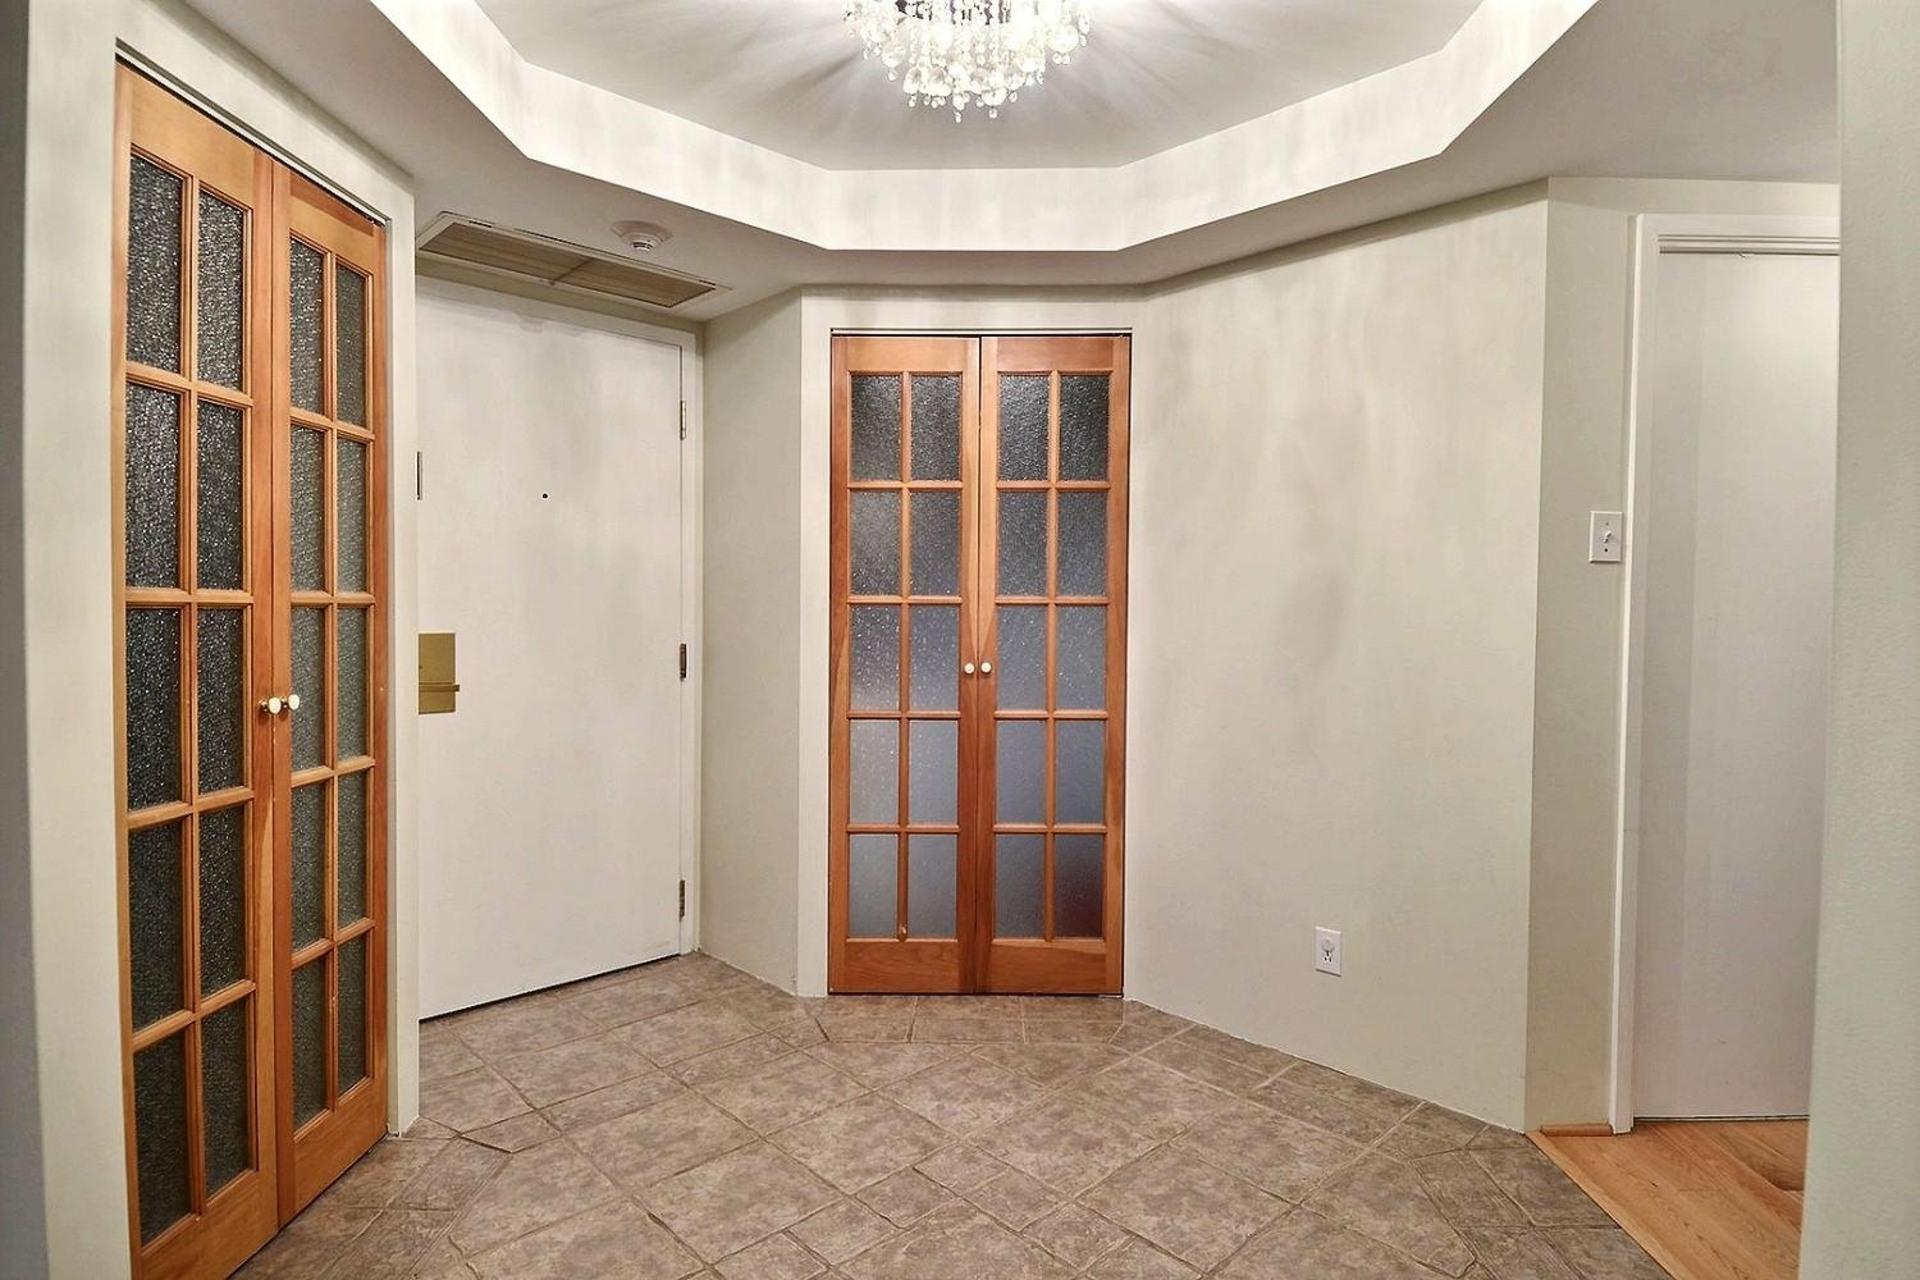 image 1 - Appartement À vendre Montréal Verdun/Île-des-Soeurs  - 5 pièces